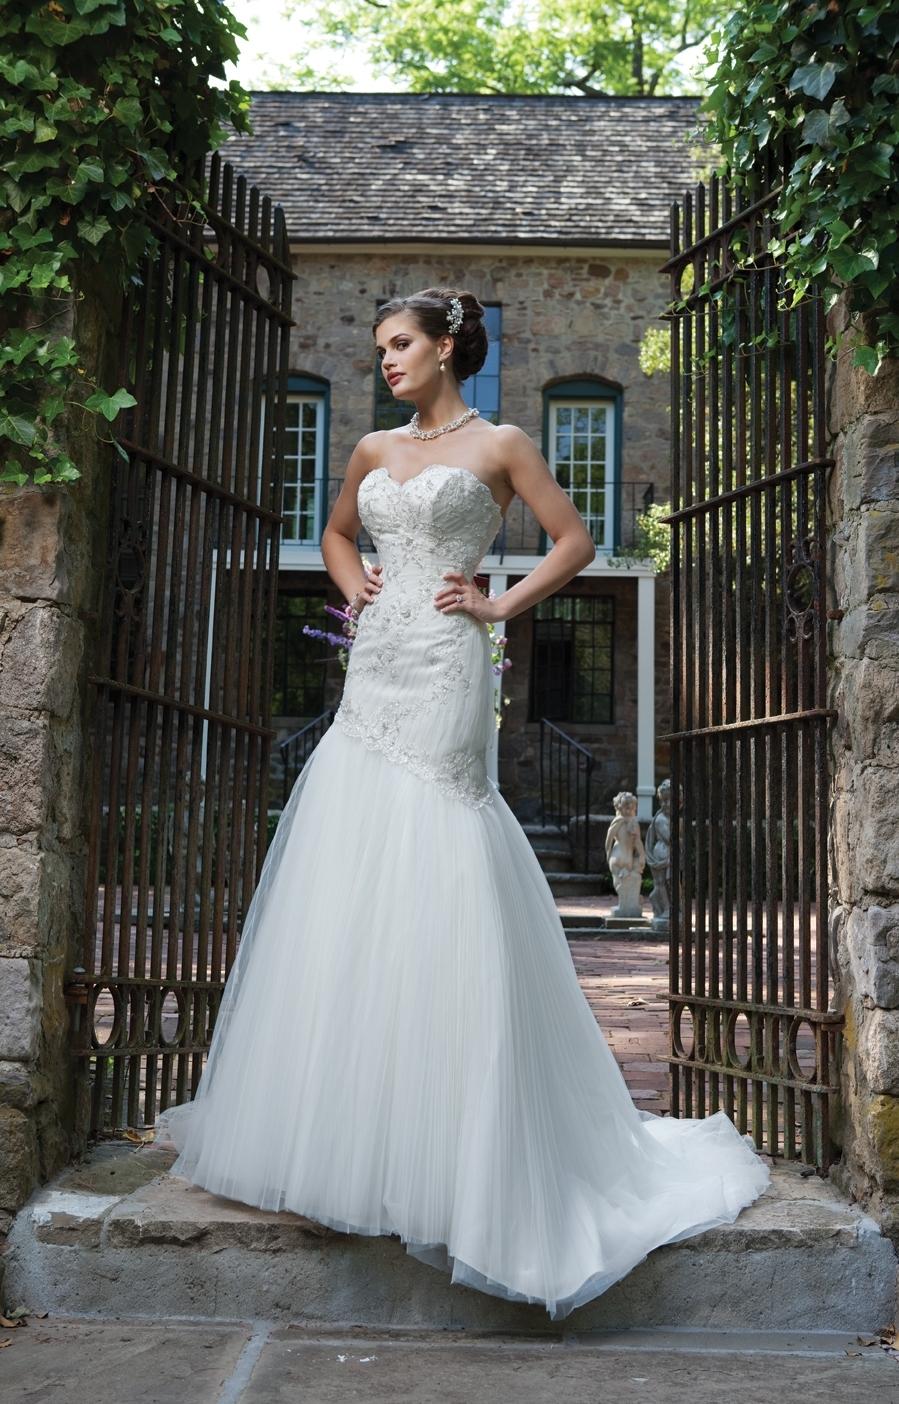 I231104-spring-2011-wedding-dress-2bebride.full